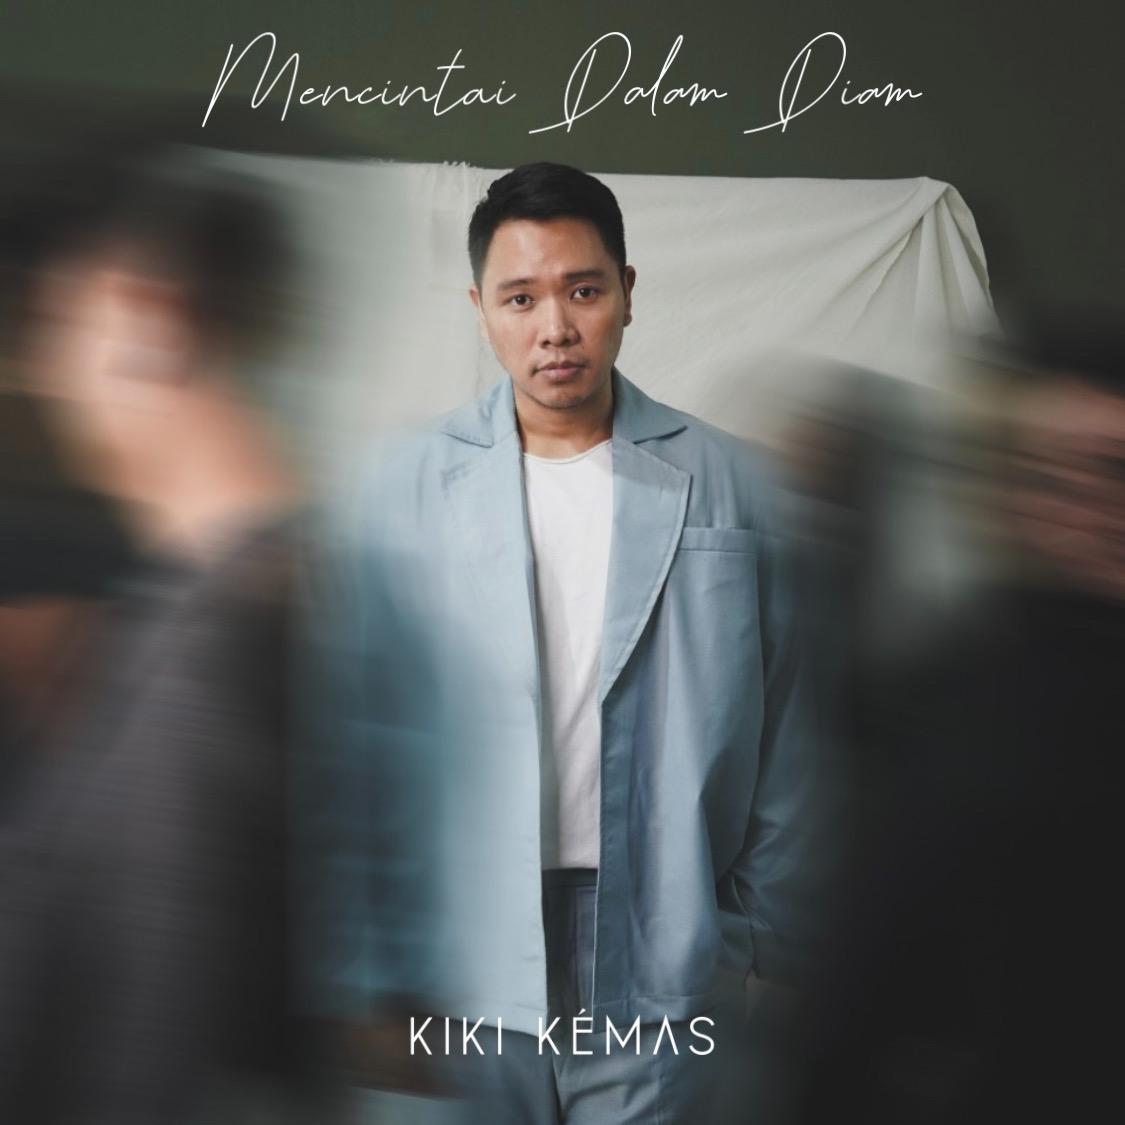 Diam Diam suka ala Kiki Kemas di single terbaru berjudul 'Mencintai Dalam Diam'